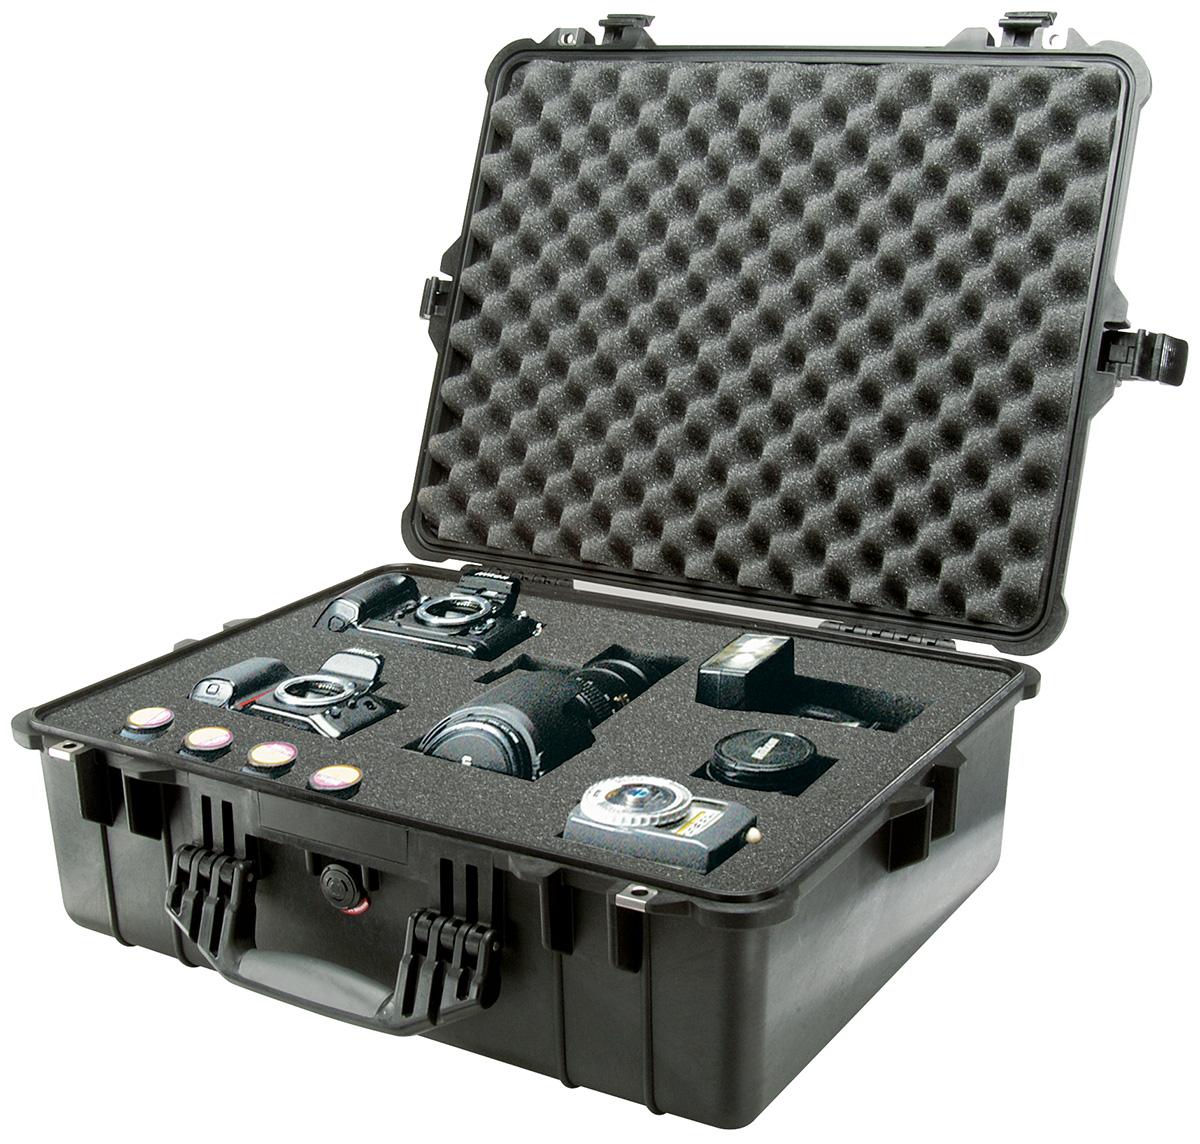 pelican peli products 1600 strong waterproof equipment case